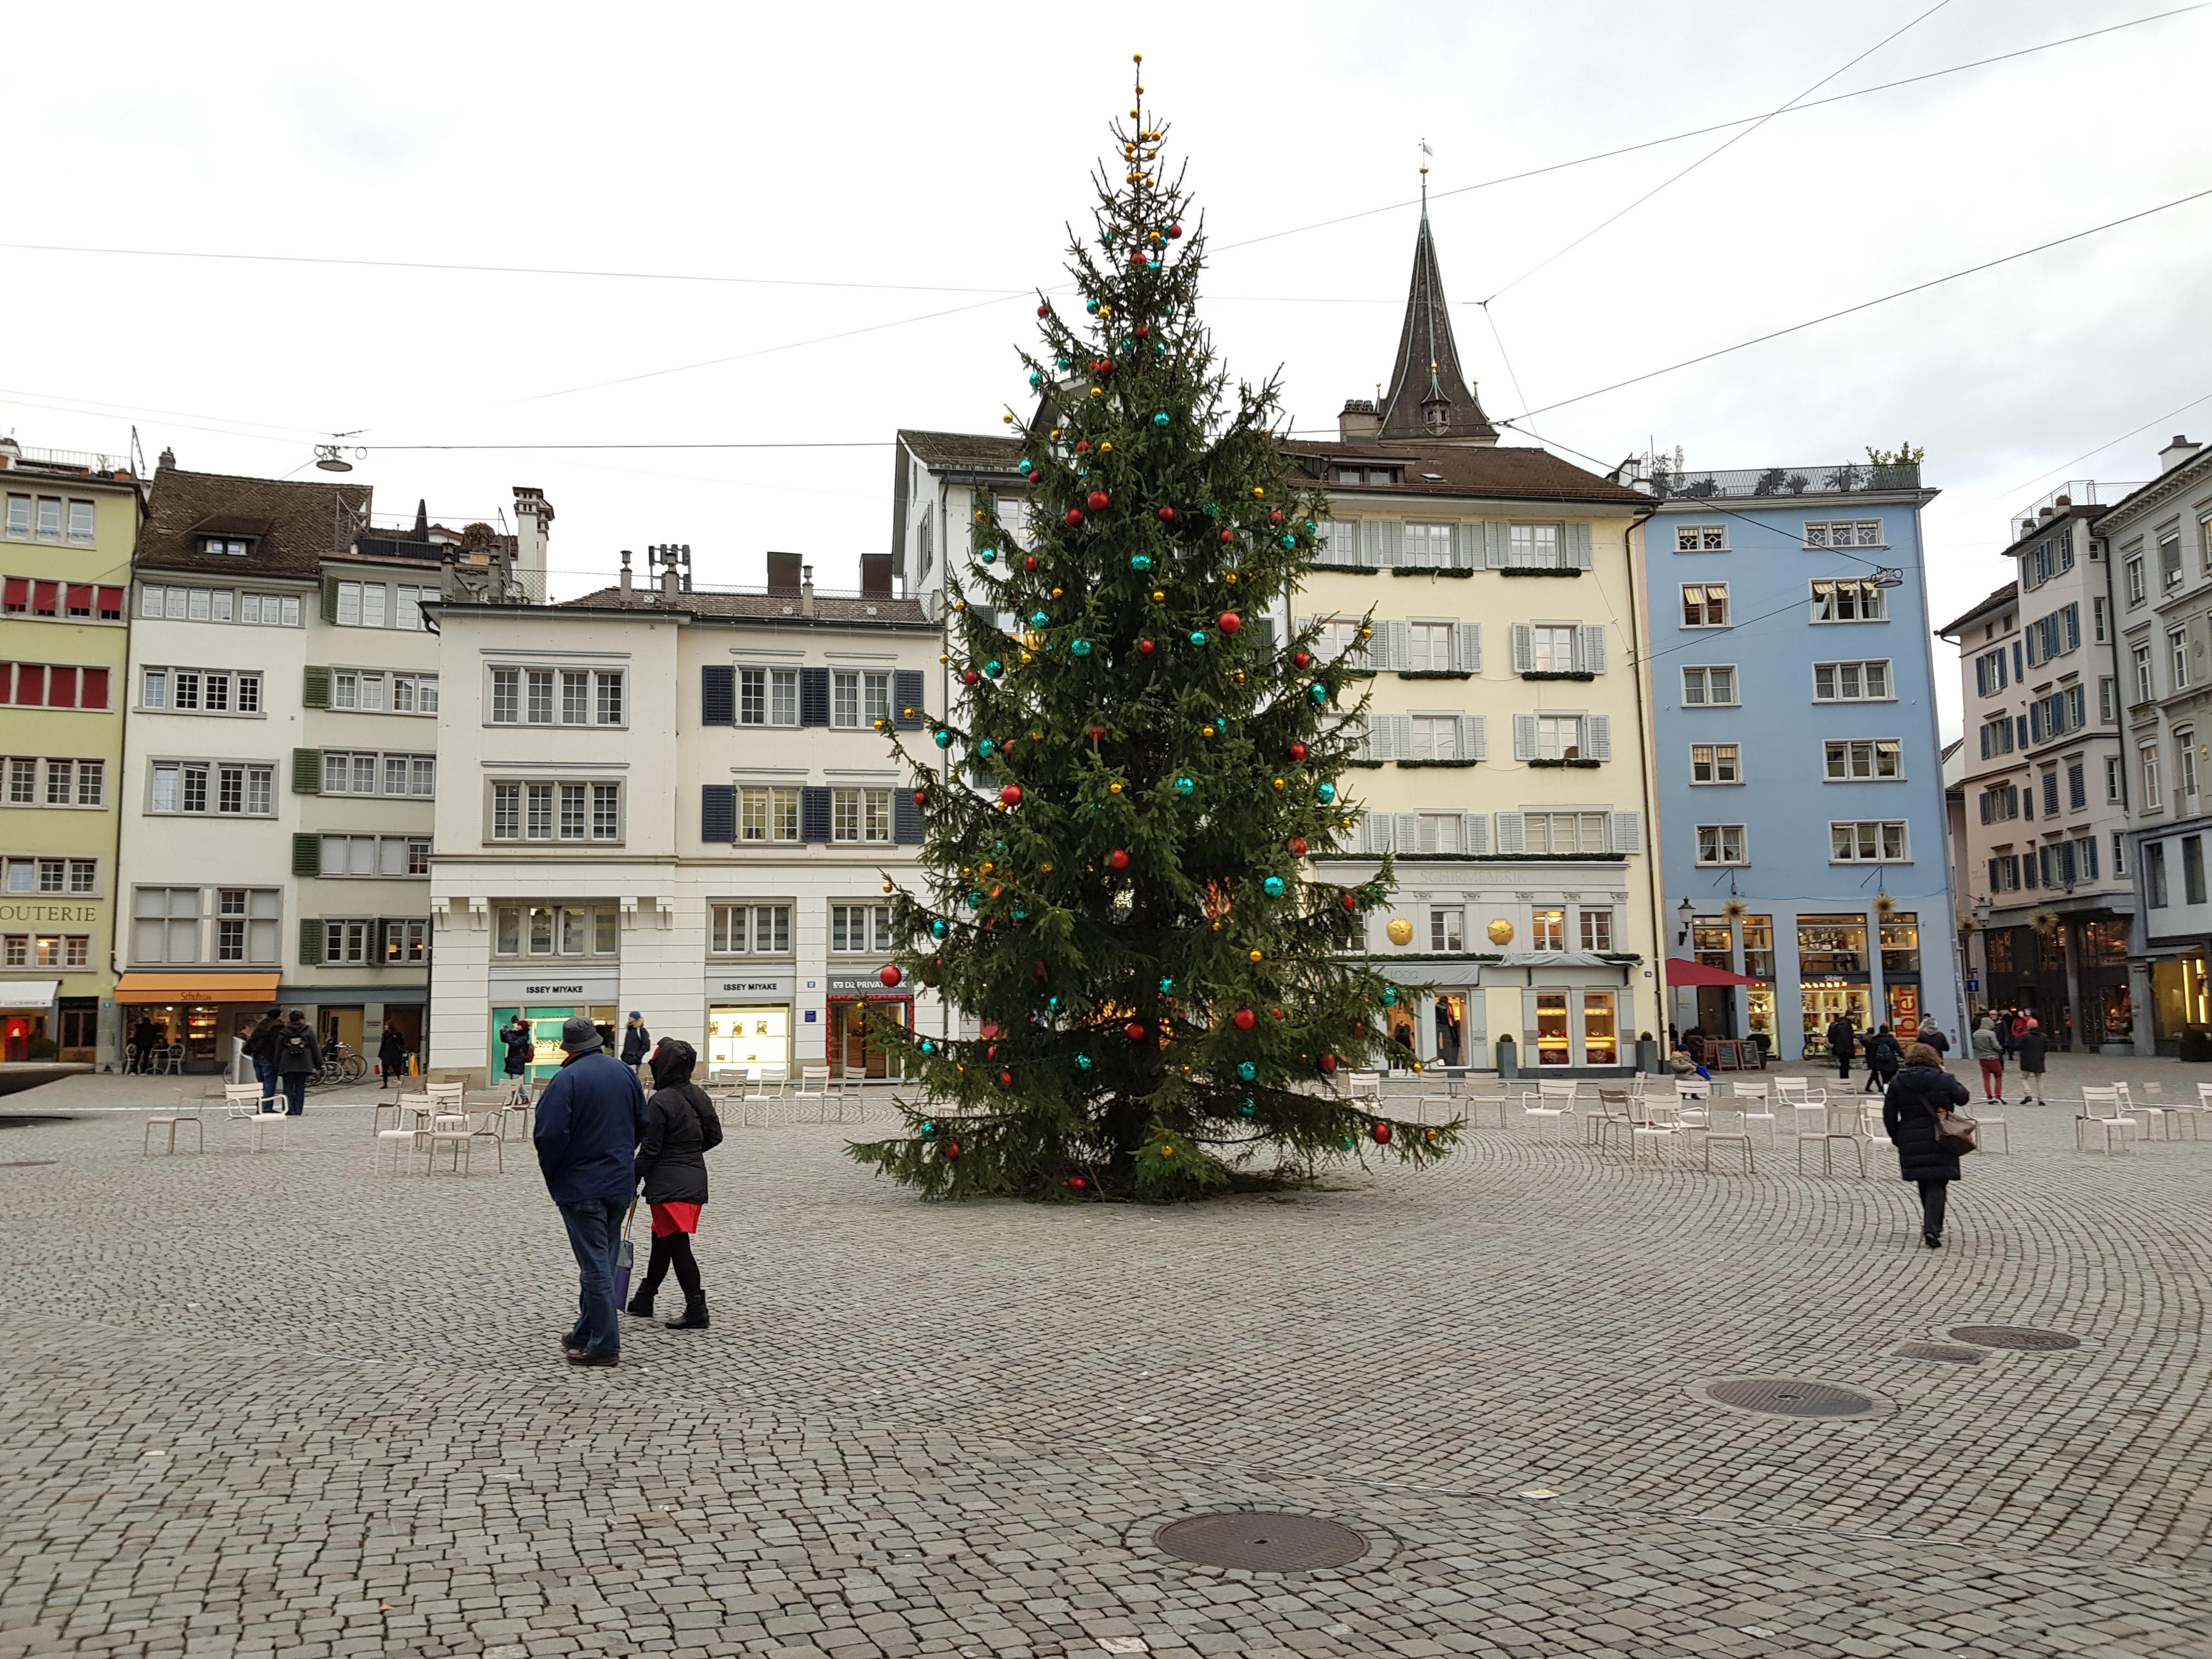 Addobbi Natalizi Zurigo.I Mercatini Di Natale A Zurigo Cosa Vedere Dove Dormire Cosa Mangiare Il Viaggio Che Vale